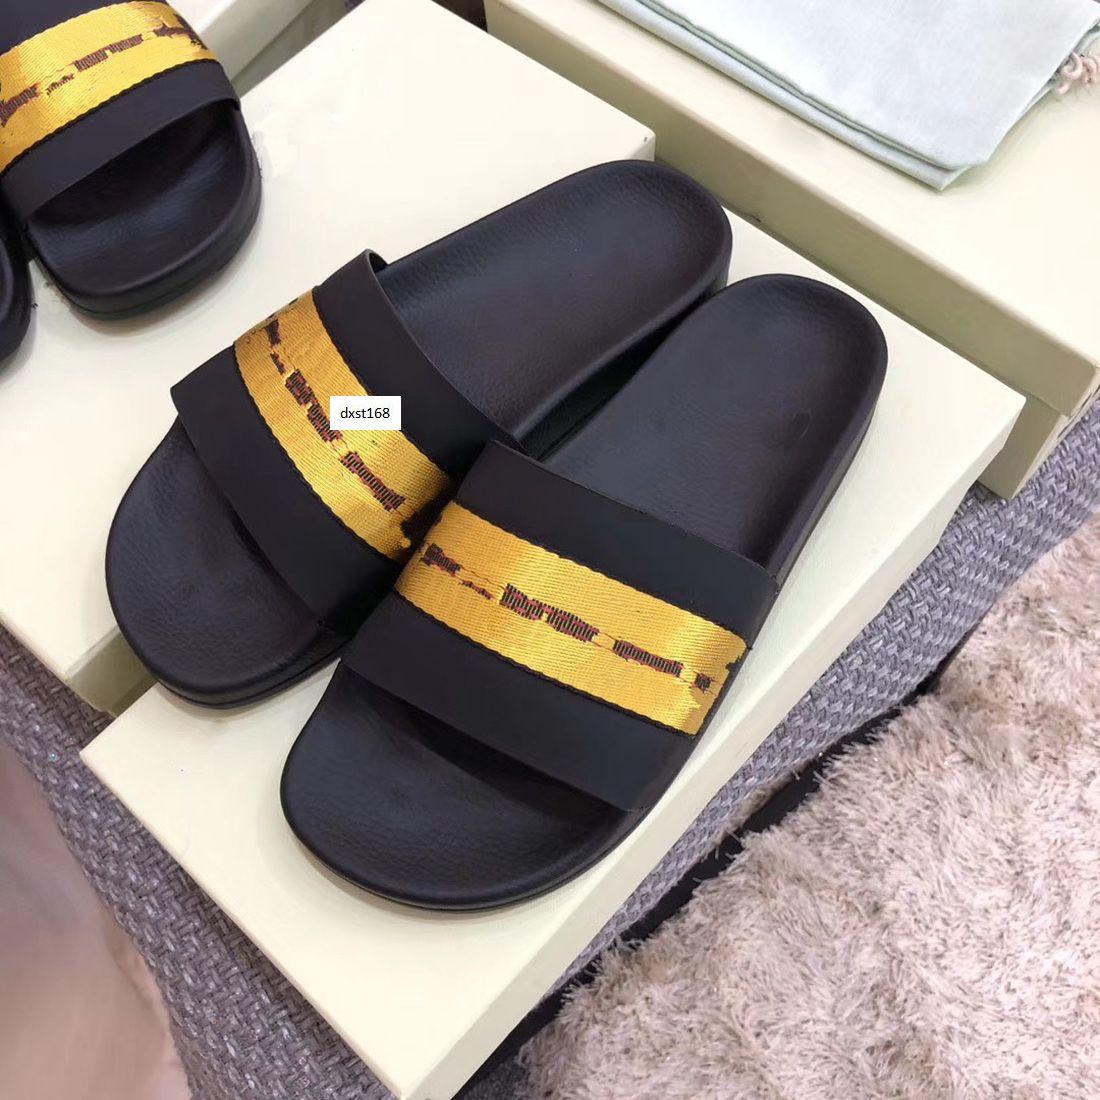 Горячая продажа Последние Проектировщик Off Повседневная обувь крытый пляж тапочки белая печать пару обуви Последний размер 36